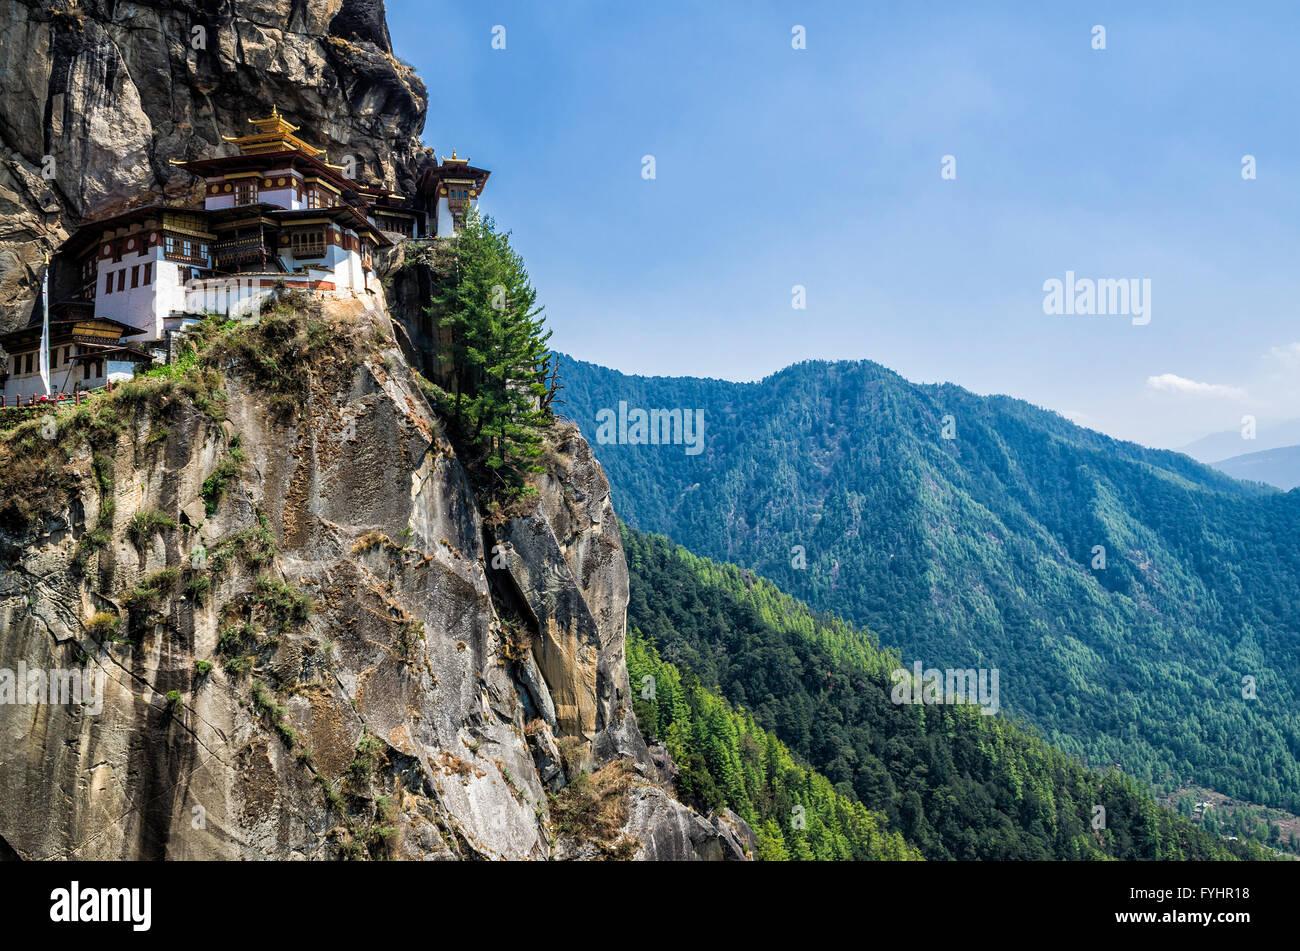 Taktshang monastery, Bhutan - Stock Image